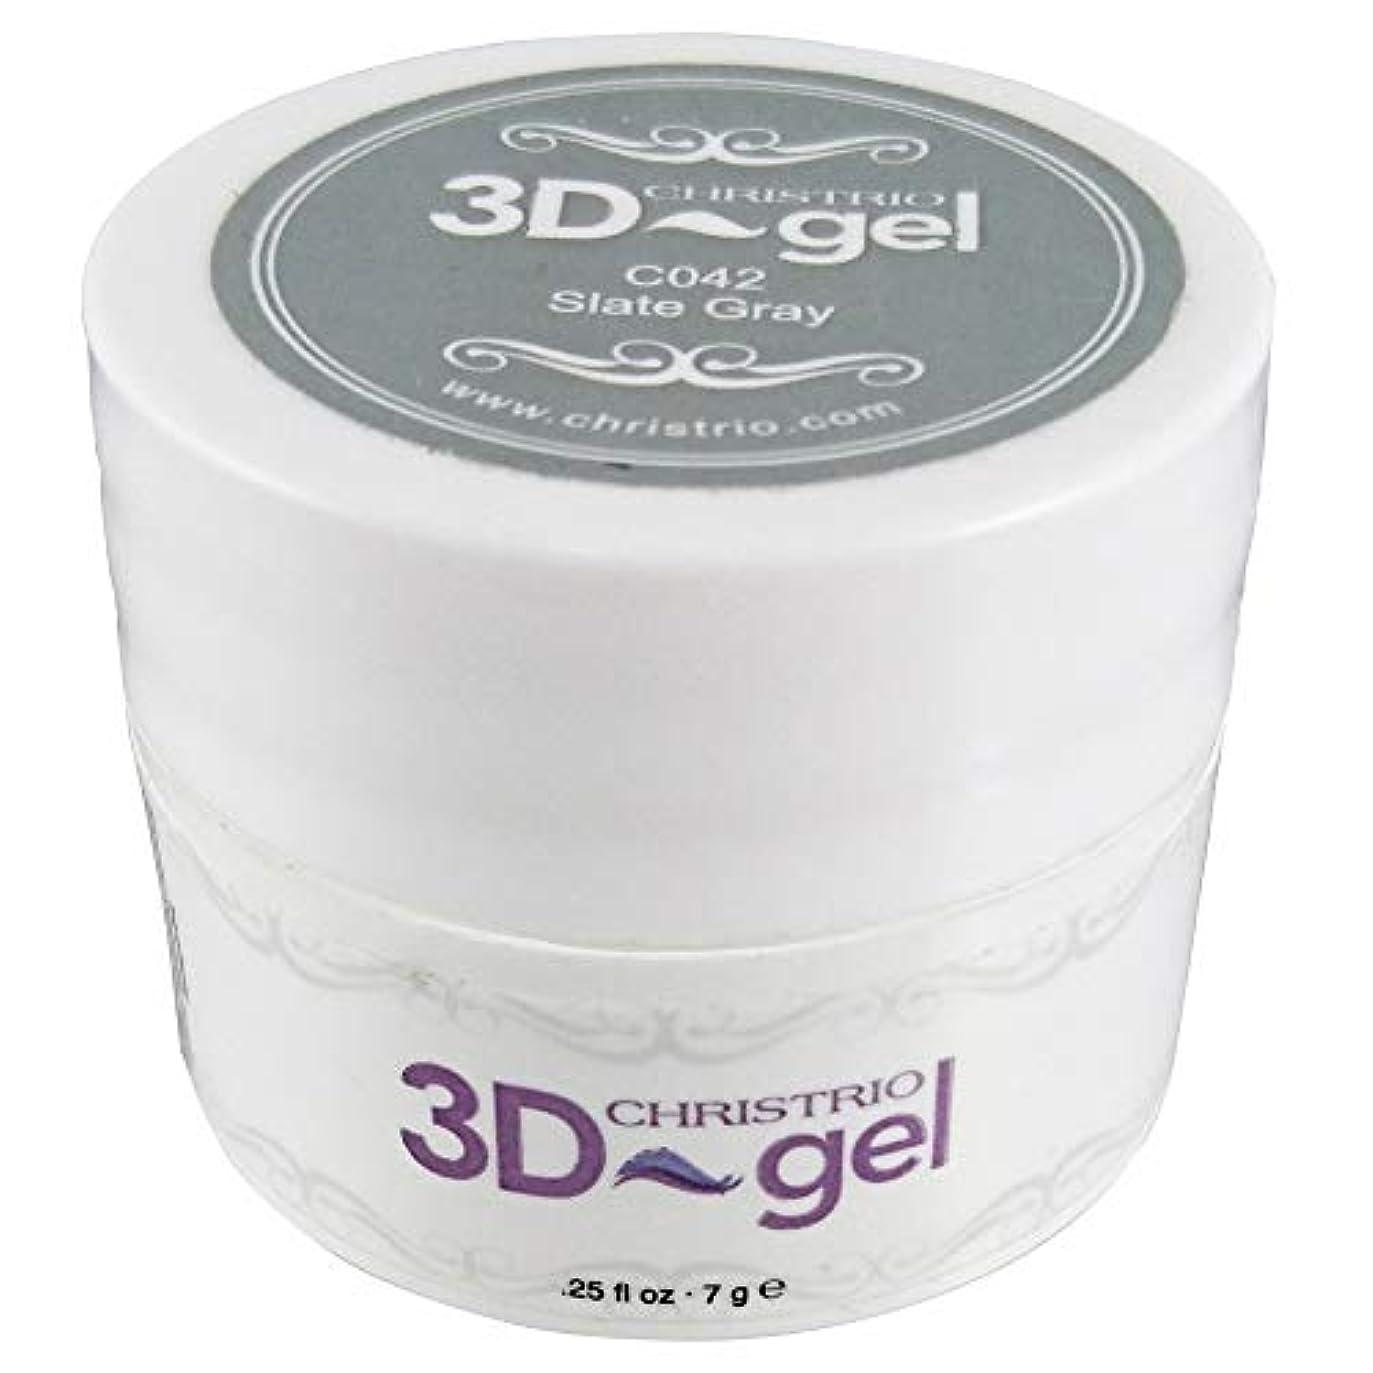 入場最小化するストラトフォードオンエイボンCHRISTRIO 3Dジェル 7g C042 スレートグレイ